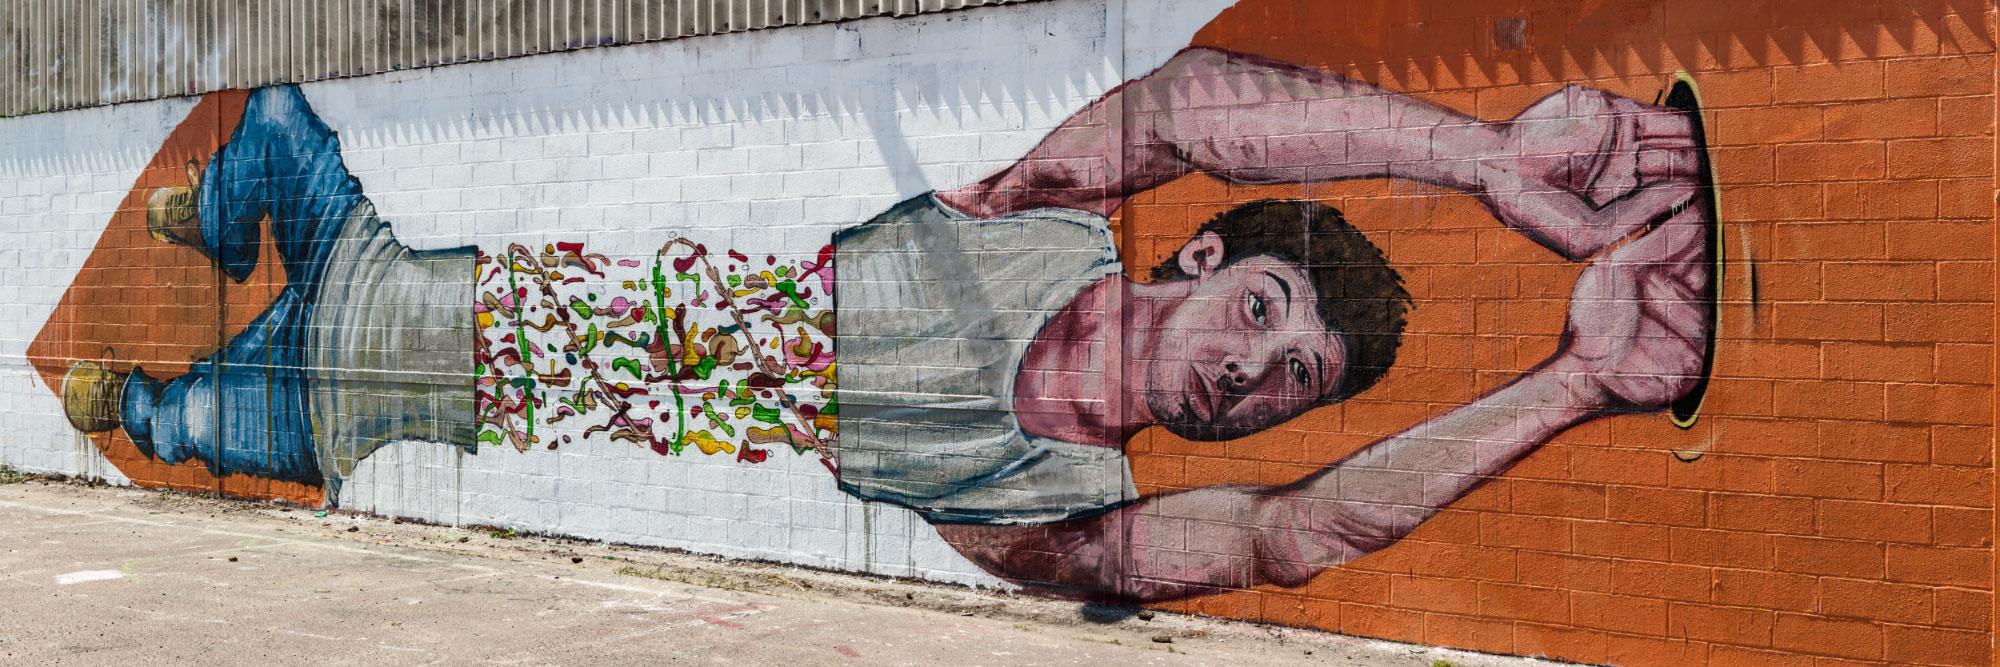 Graff, Skatepark, Rouen / Madcow - Sckaro